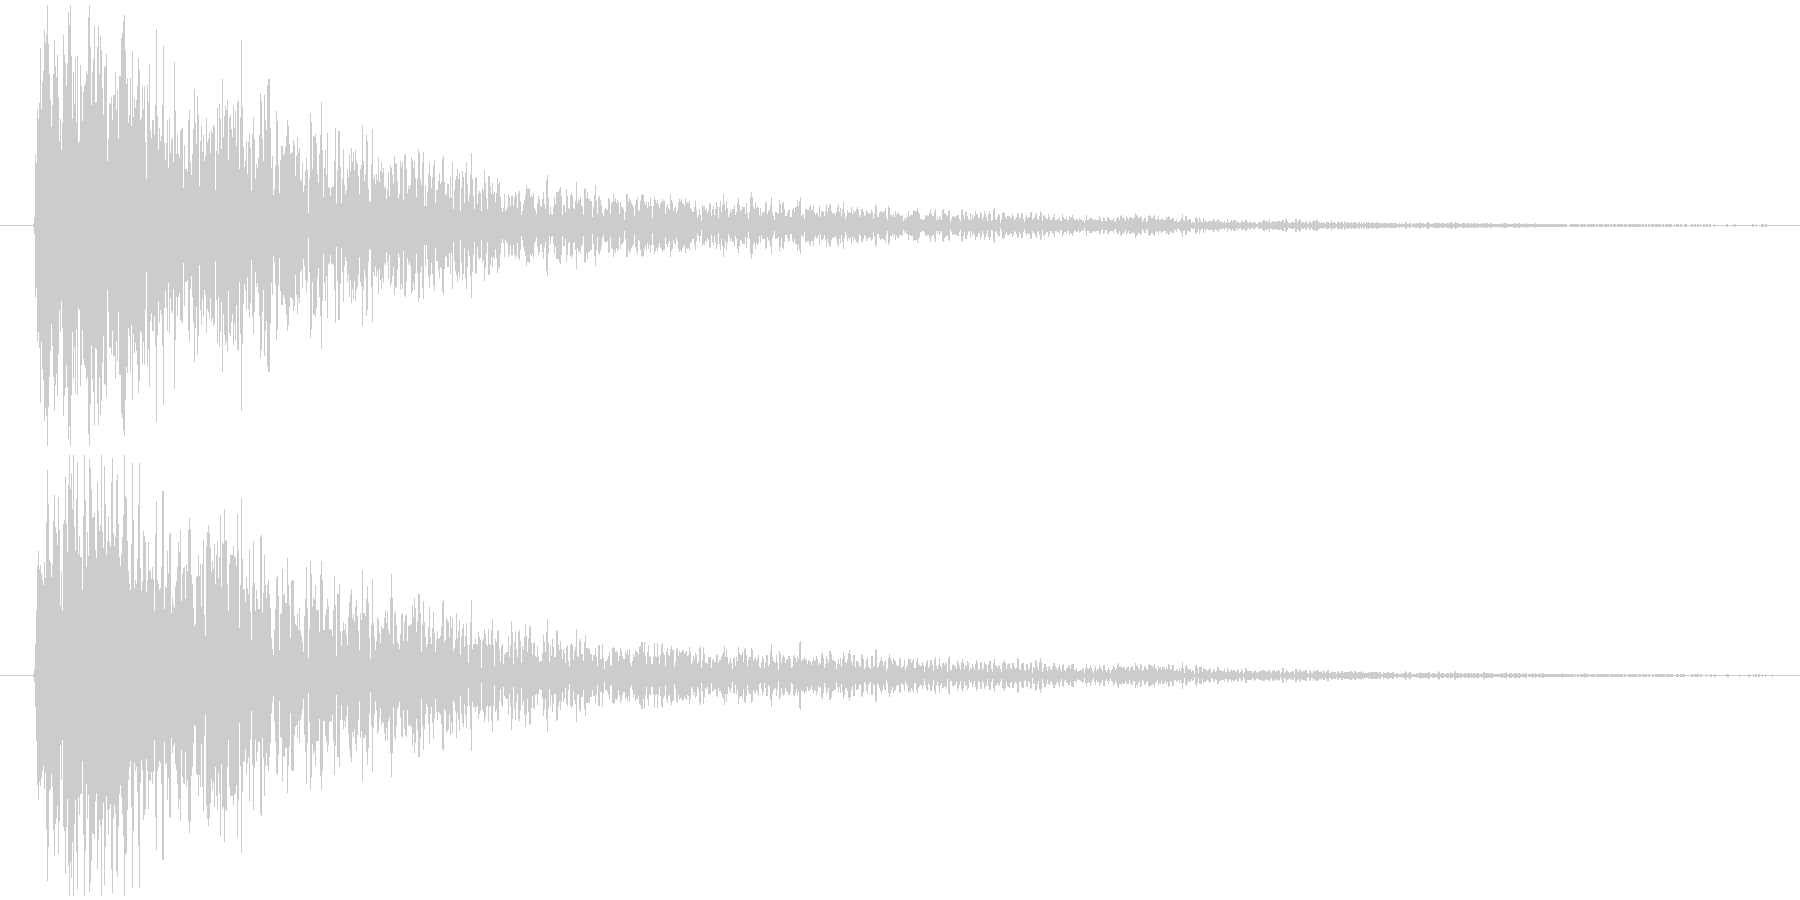 衝撃波、圧力波、爆発、インパクト音の未再生の波形